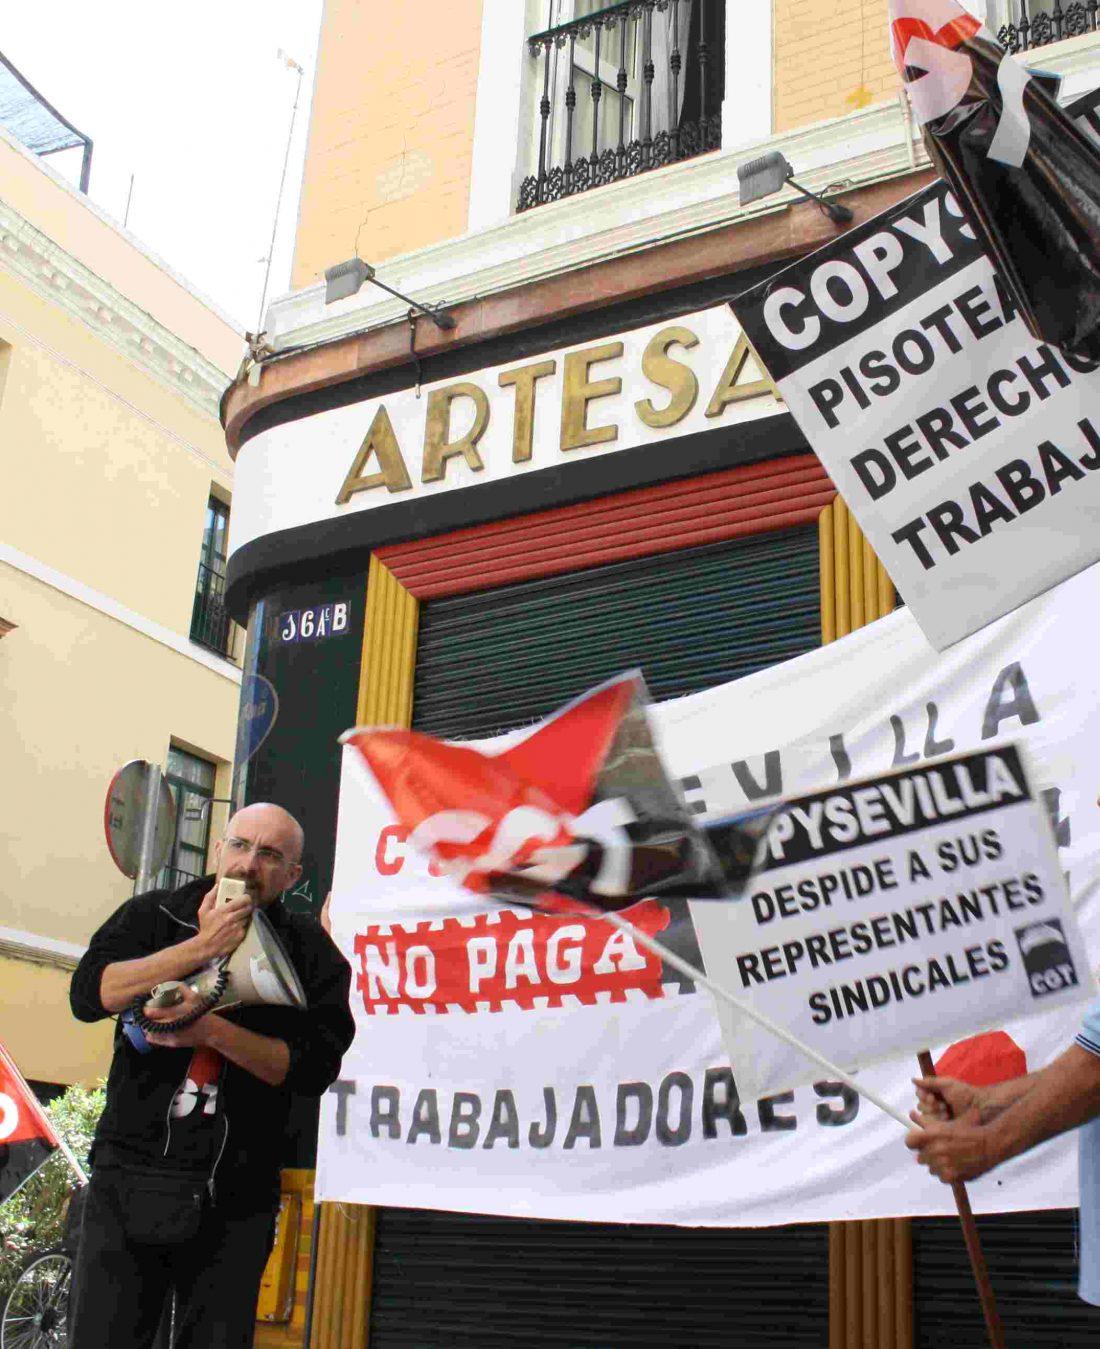 Copysevilla: ERE, despidos, chanchullos empresariales y represión sindical